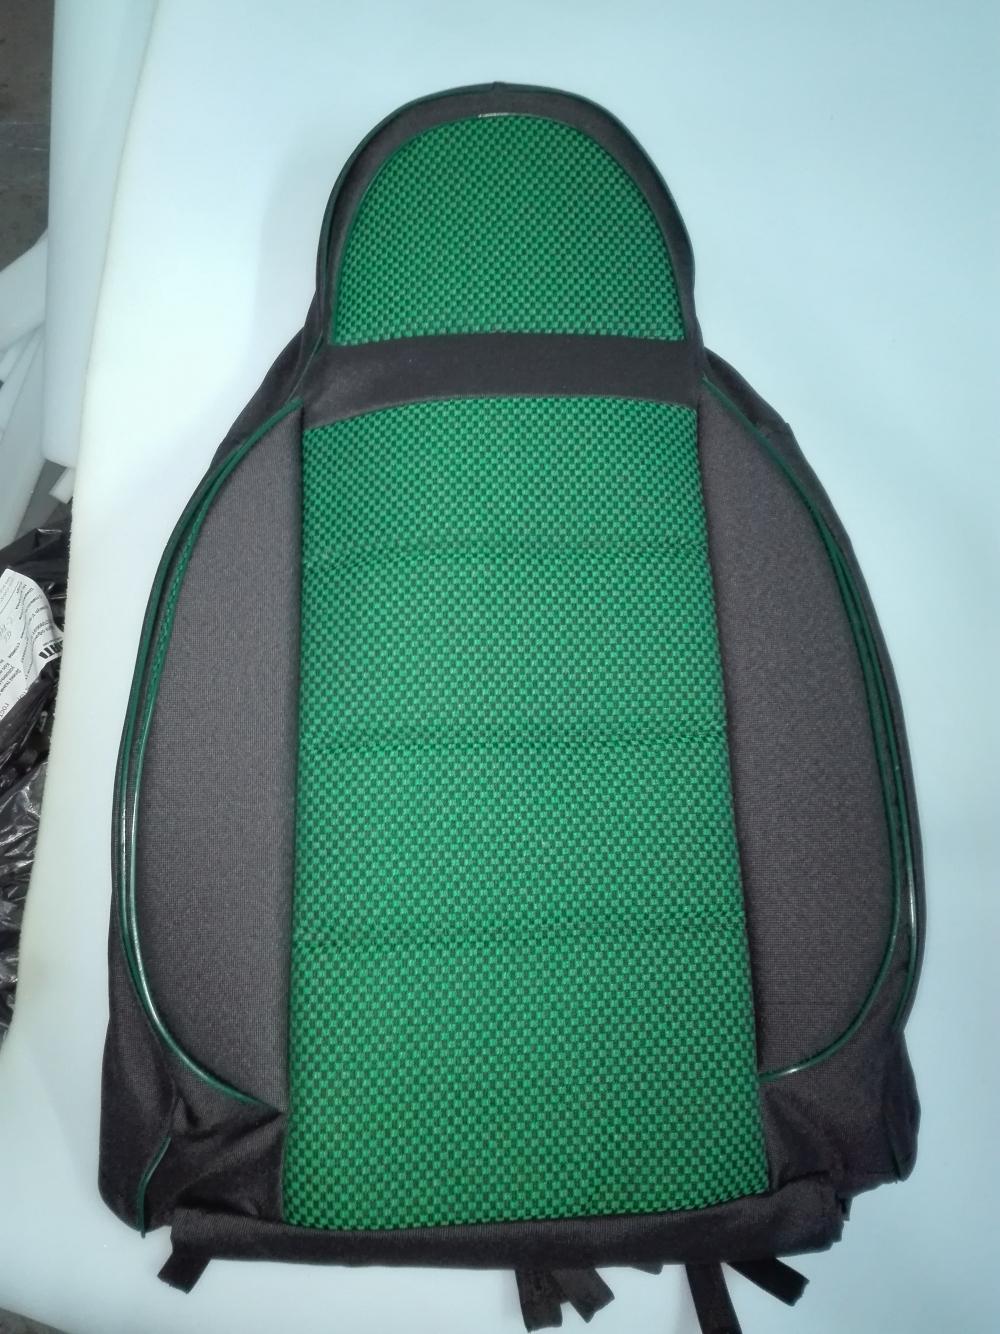 Чехлы на сидения из автоткани Pilot Lux зеленый - 1